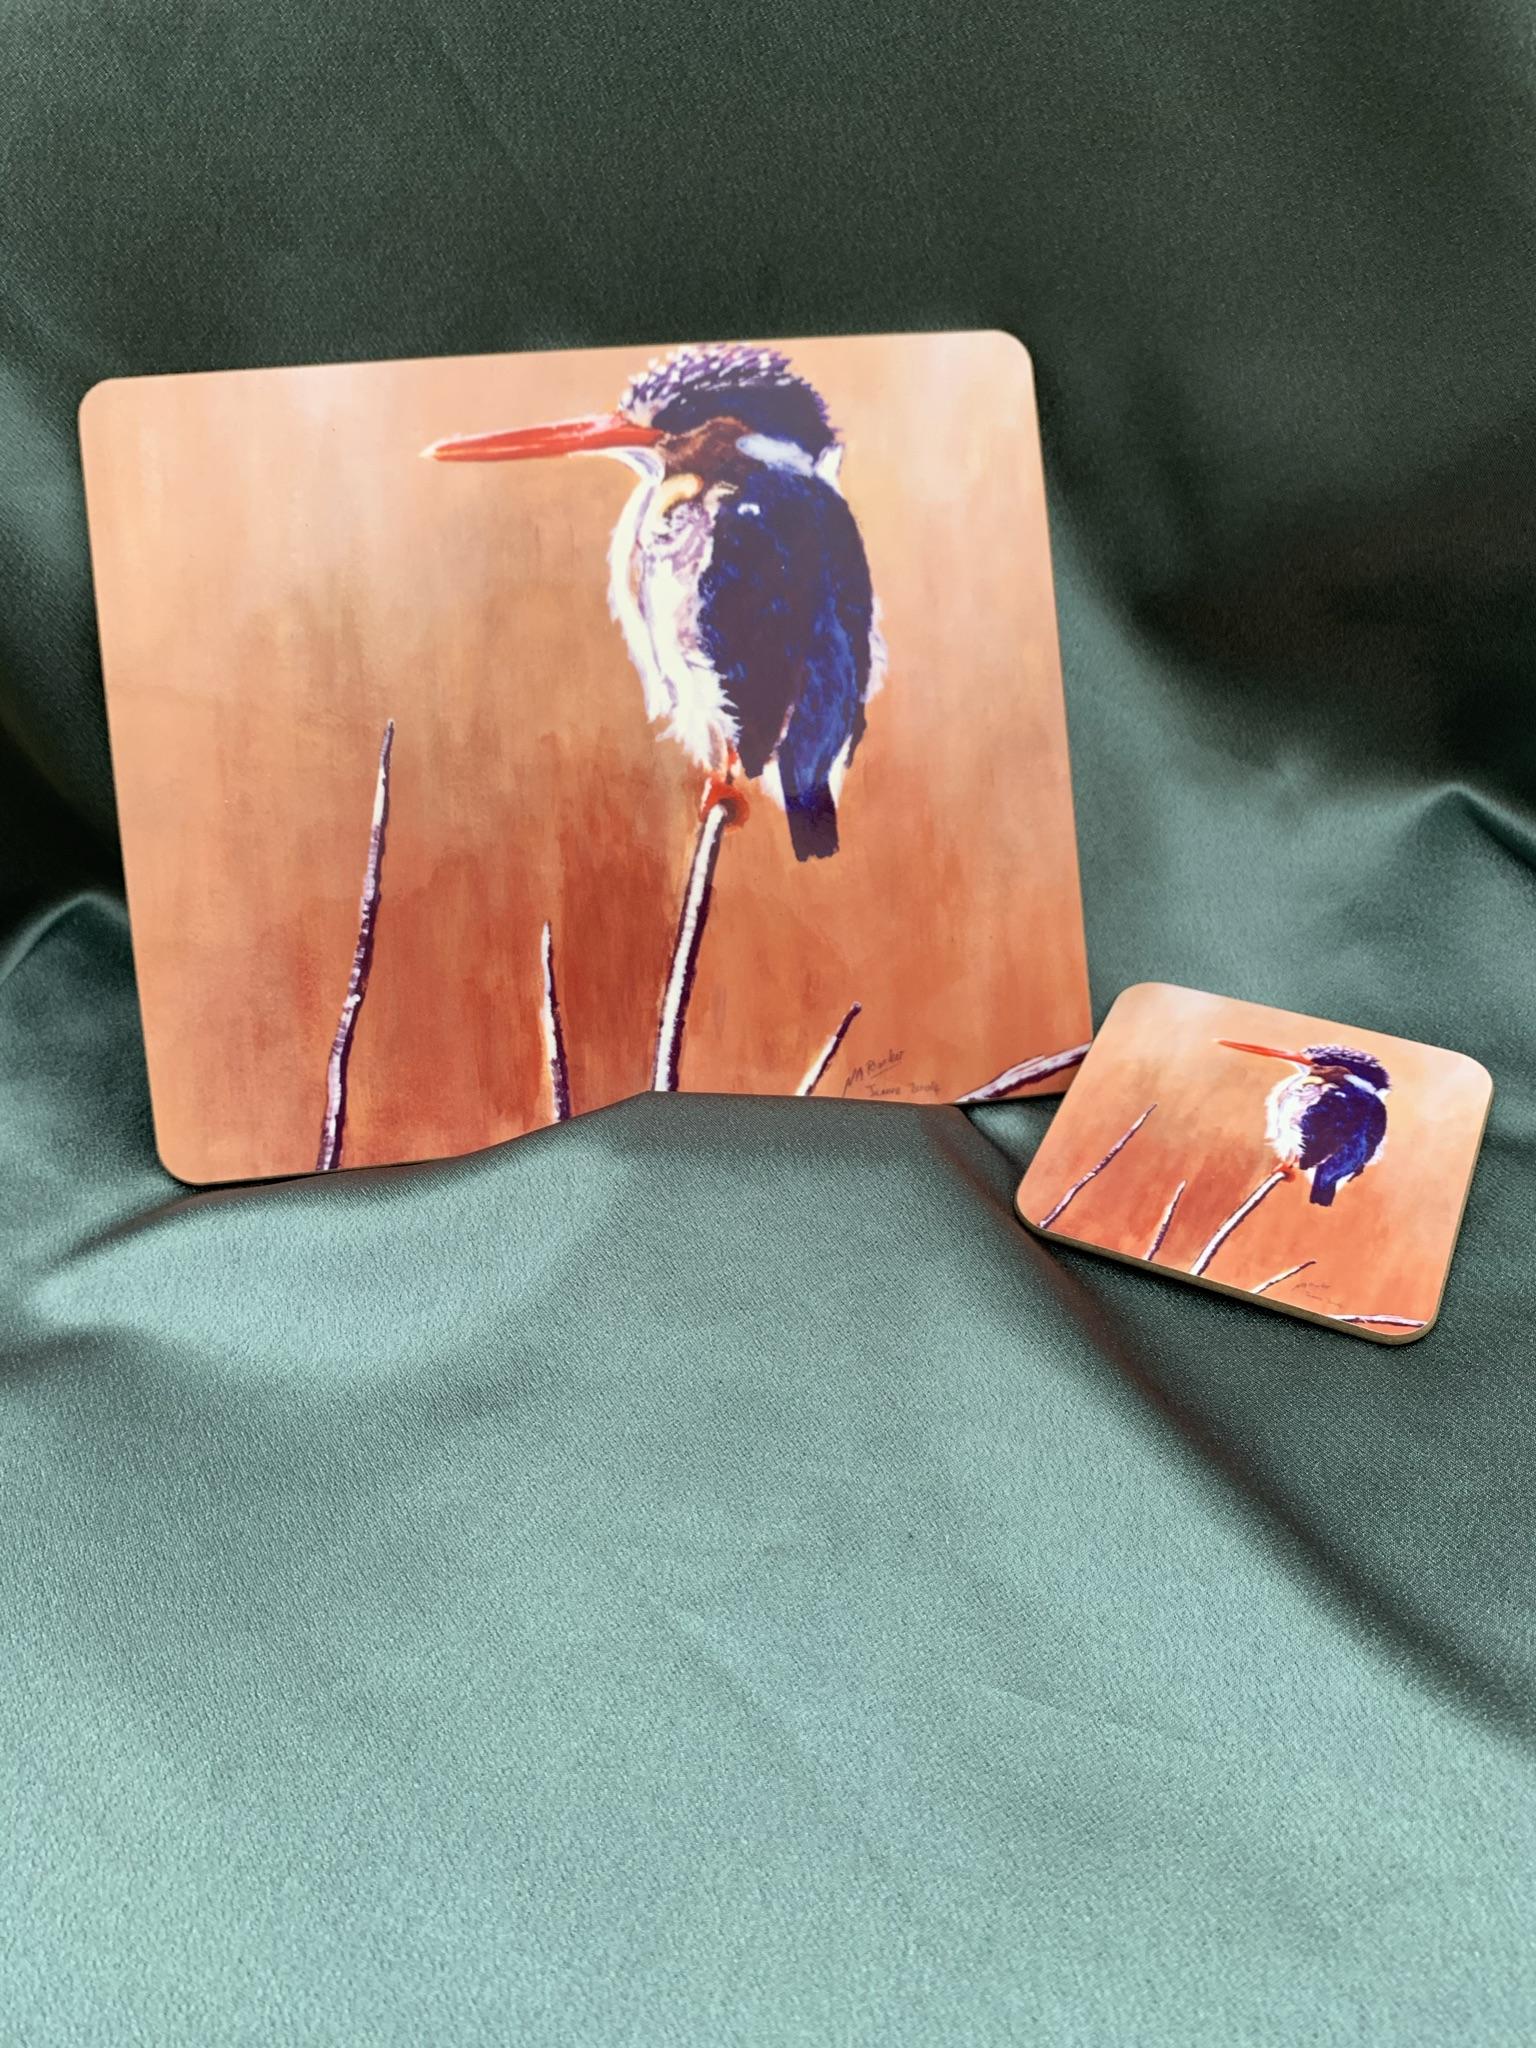 Malachite Kingfisher - 4 x Placemats & 4 Coasters - £28